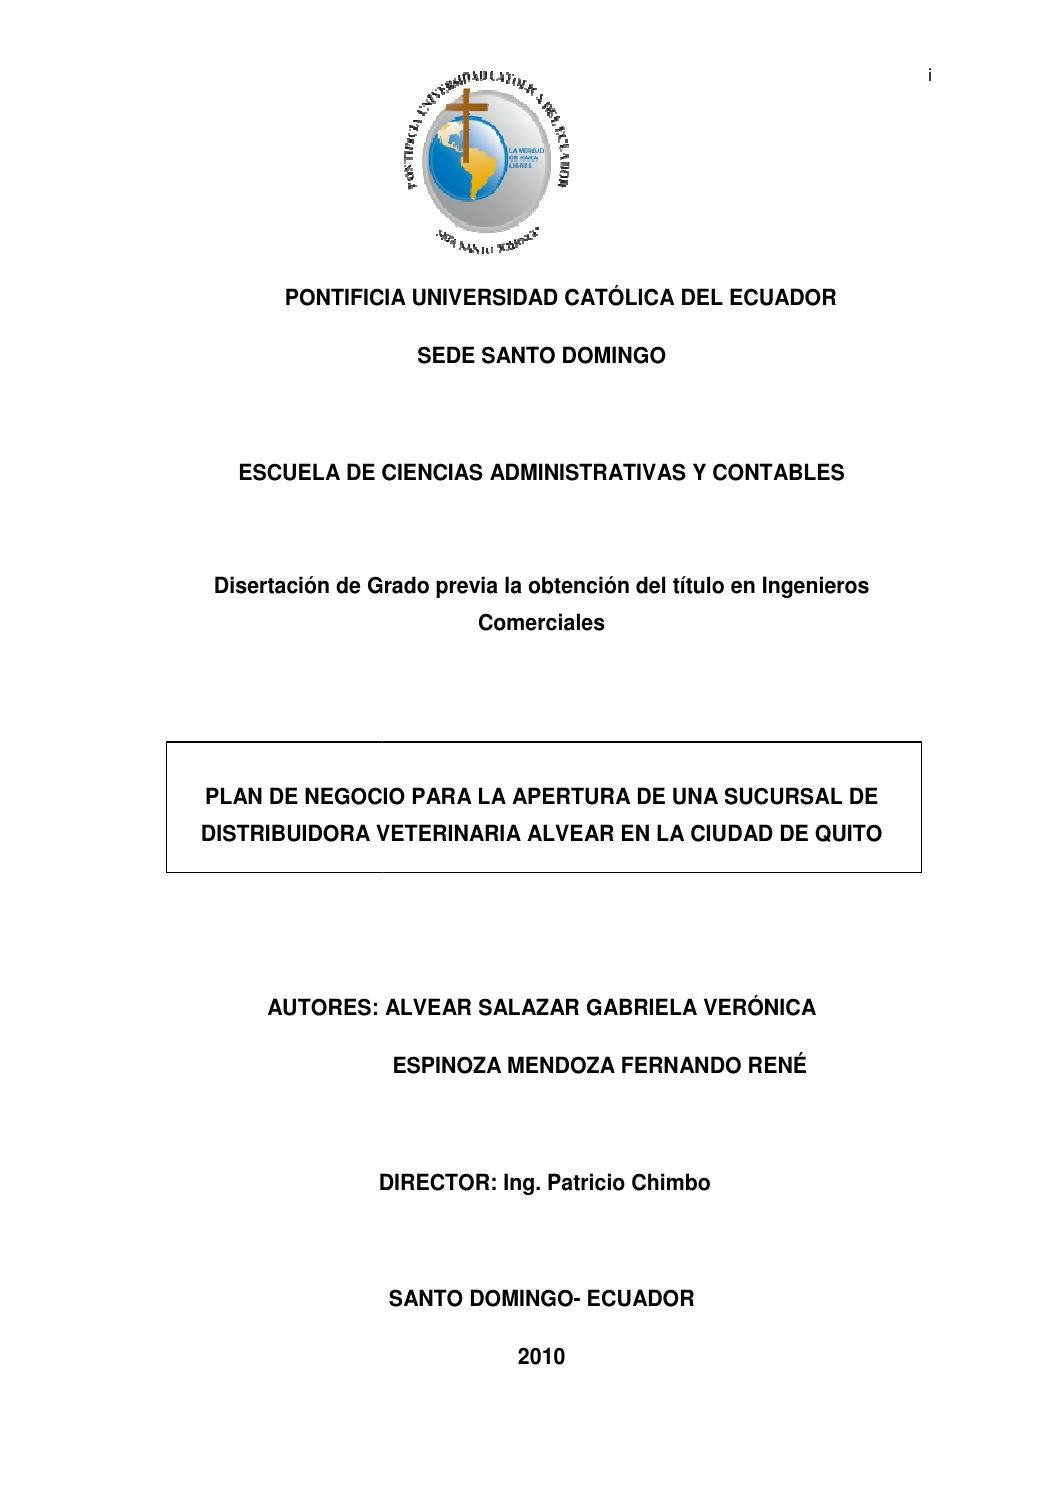 """Apertura de una sucursal de distribuidora veterinaria """"Alvear"""" en la ..."""